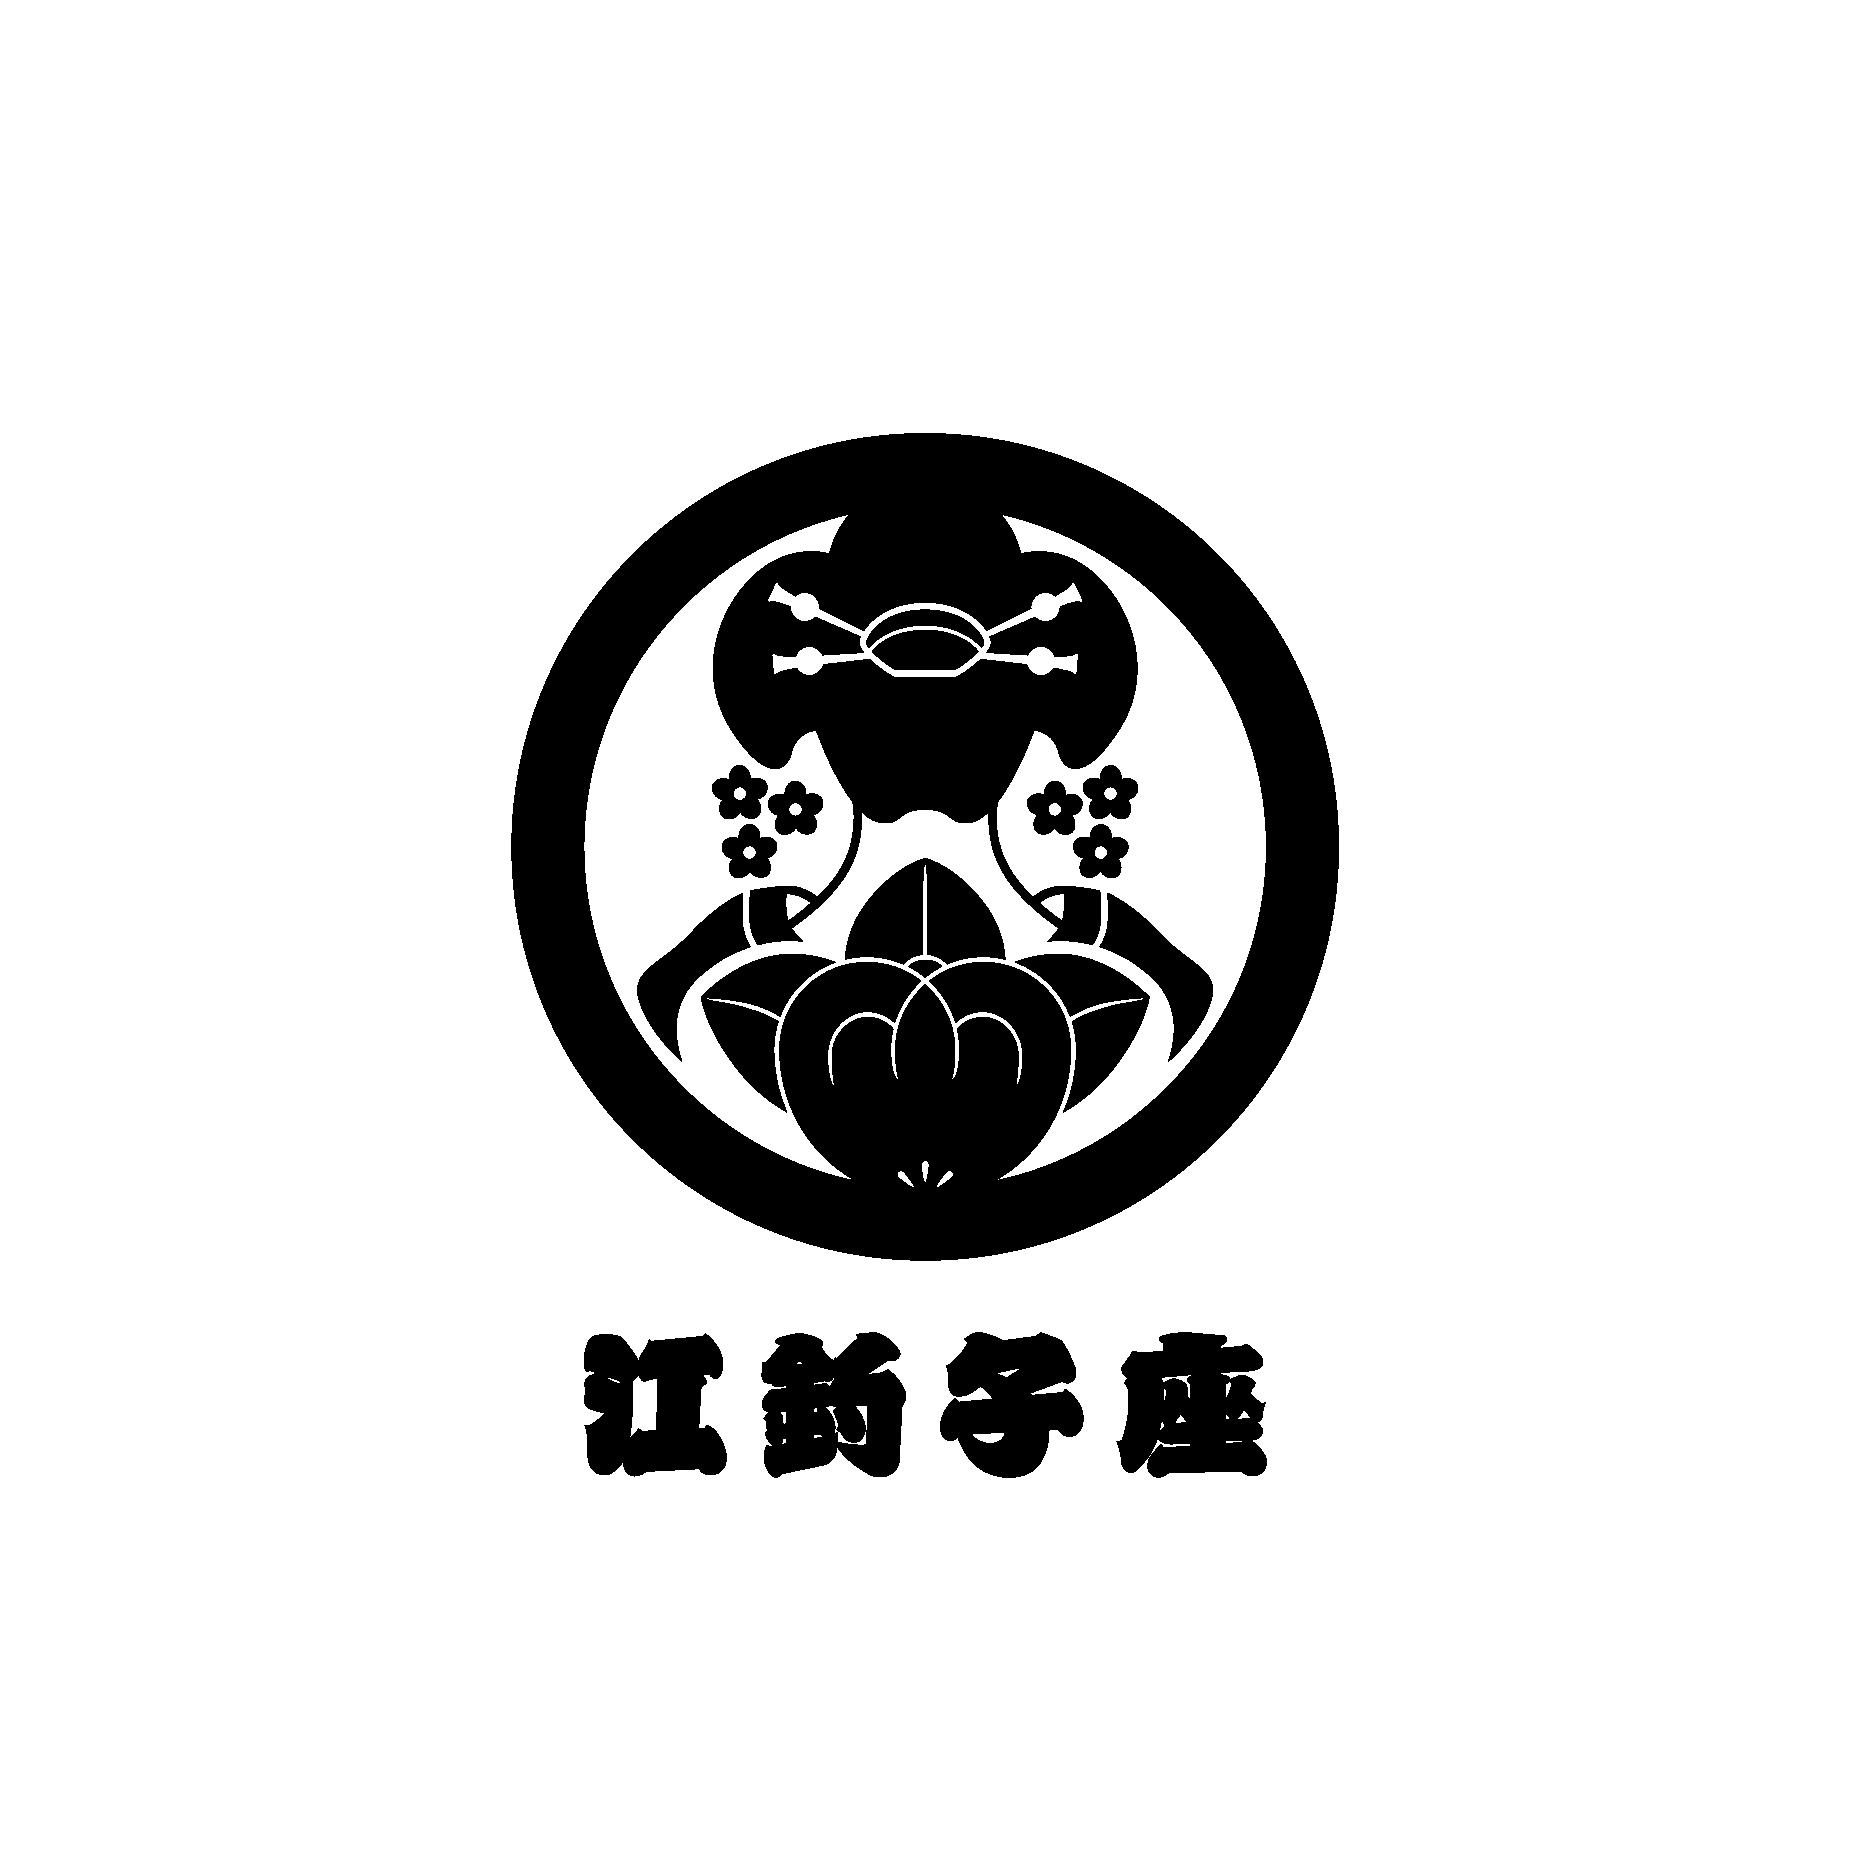 大衆演劇 江釣子座 シンボルマークデザイン00